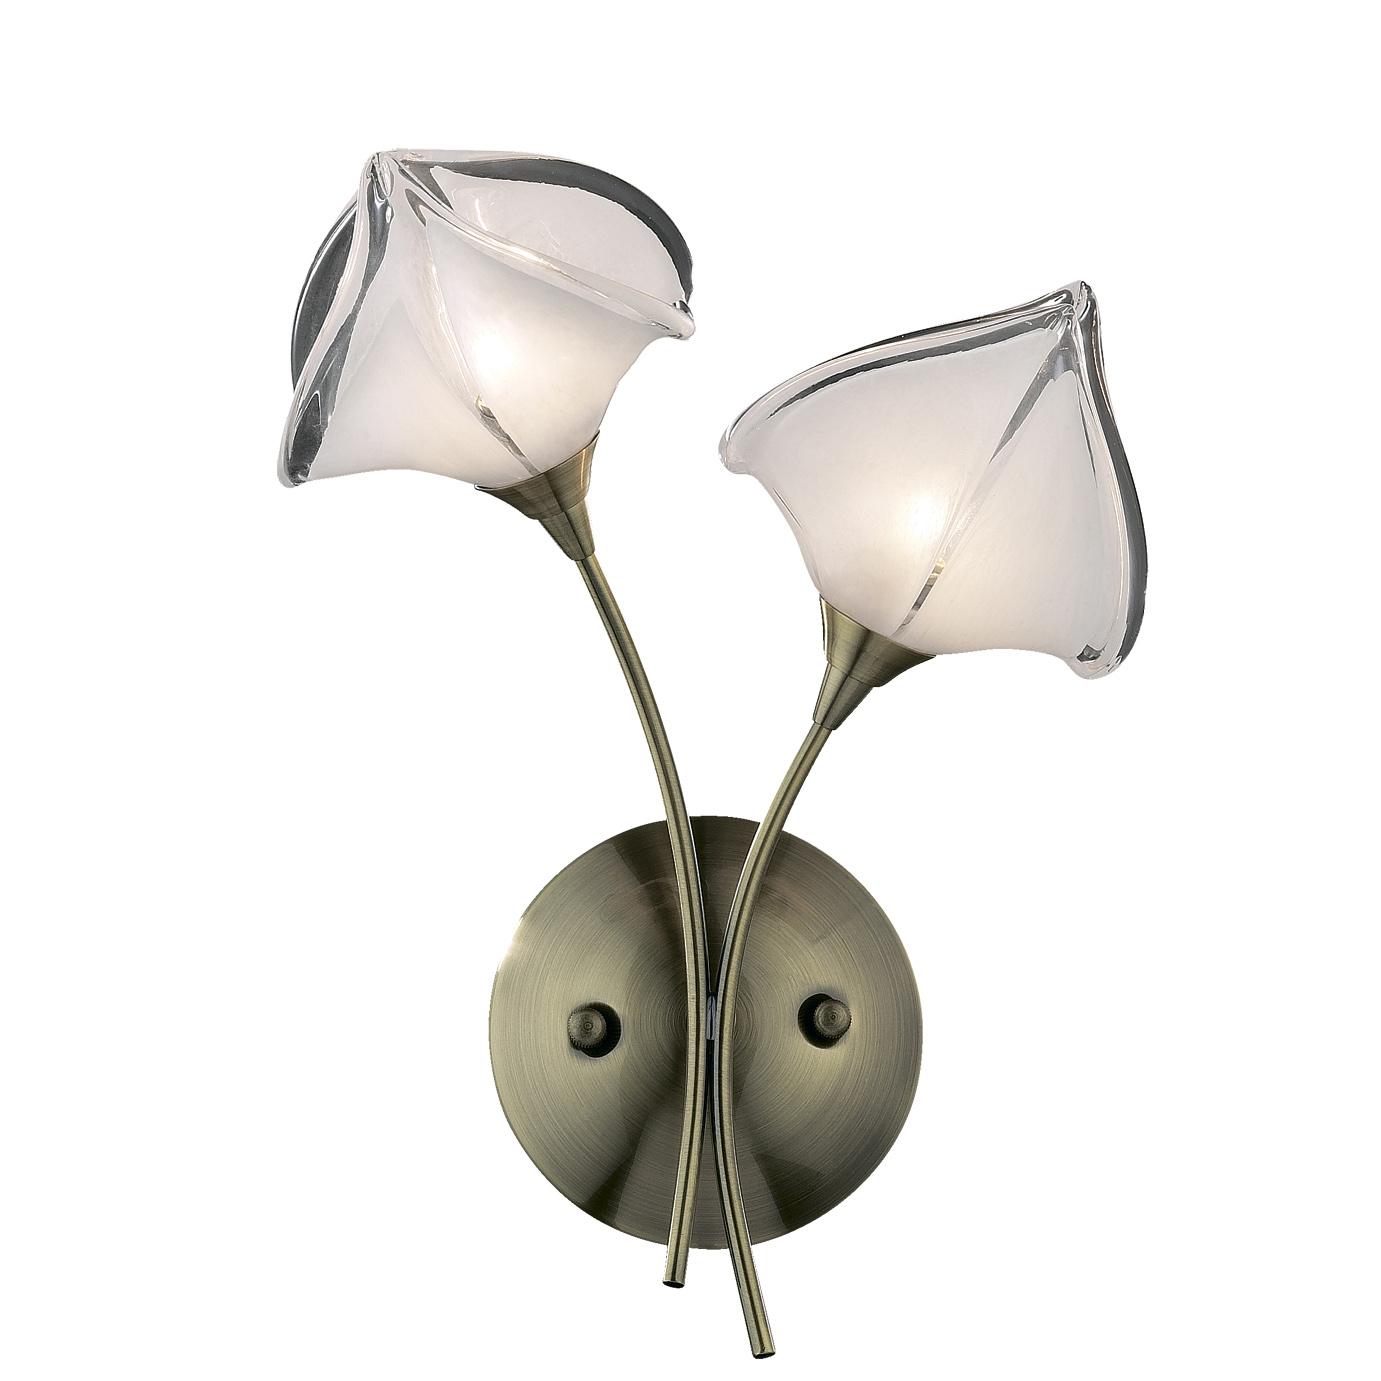 Бра Odeon lightНастенные светильники и бра<br>Тип: настенный, Назначение светильника: для комнаты, Стиль светильника: классика, Материал светильника: металл, стекло, Тип лампы: галогенная, Количество ламп: 2, Мощность: 40, Патрон: G9, Цвет арматуры: бронза, Ширина: 700, Высота: 250, Коллекция: antra<br>